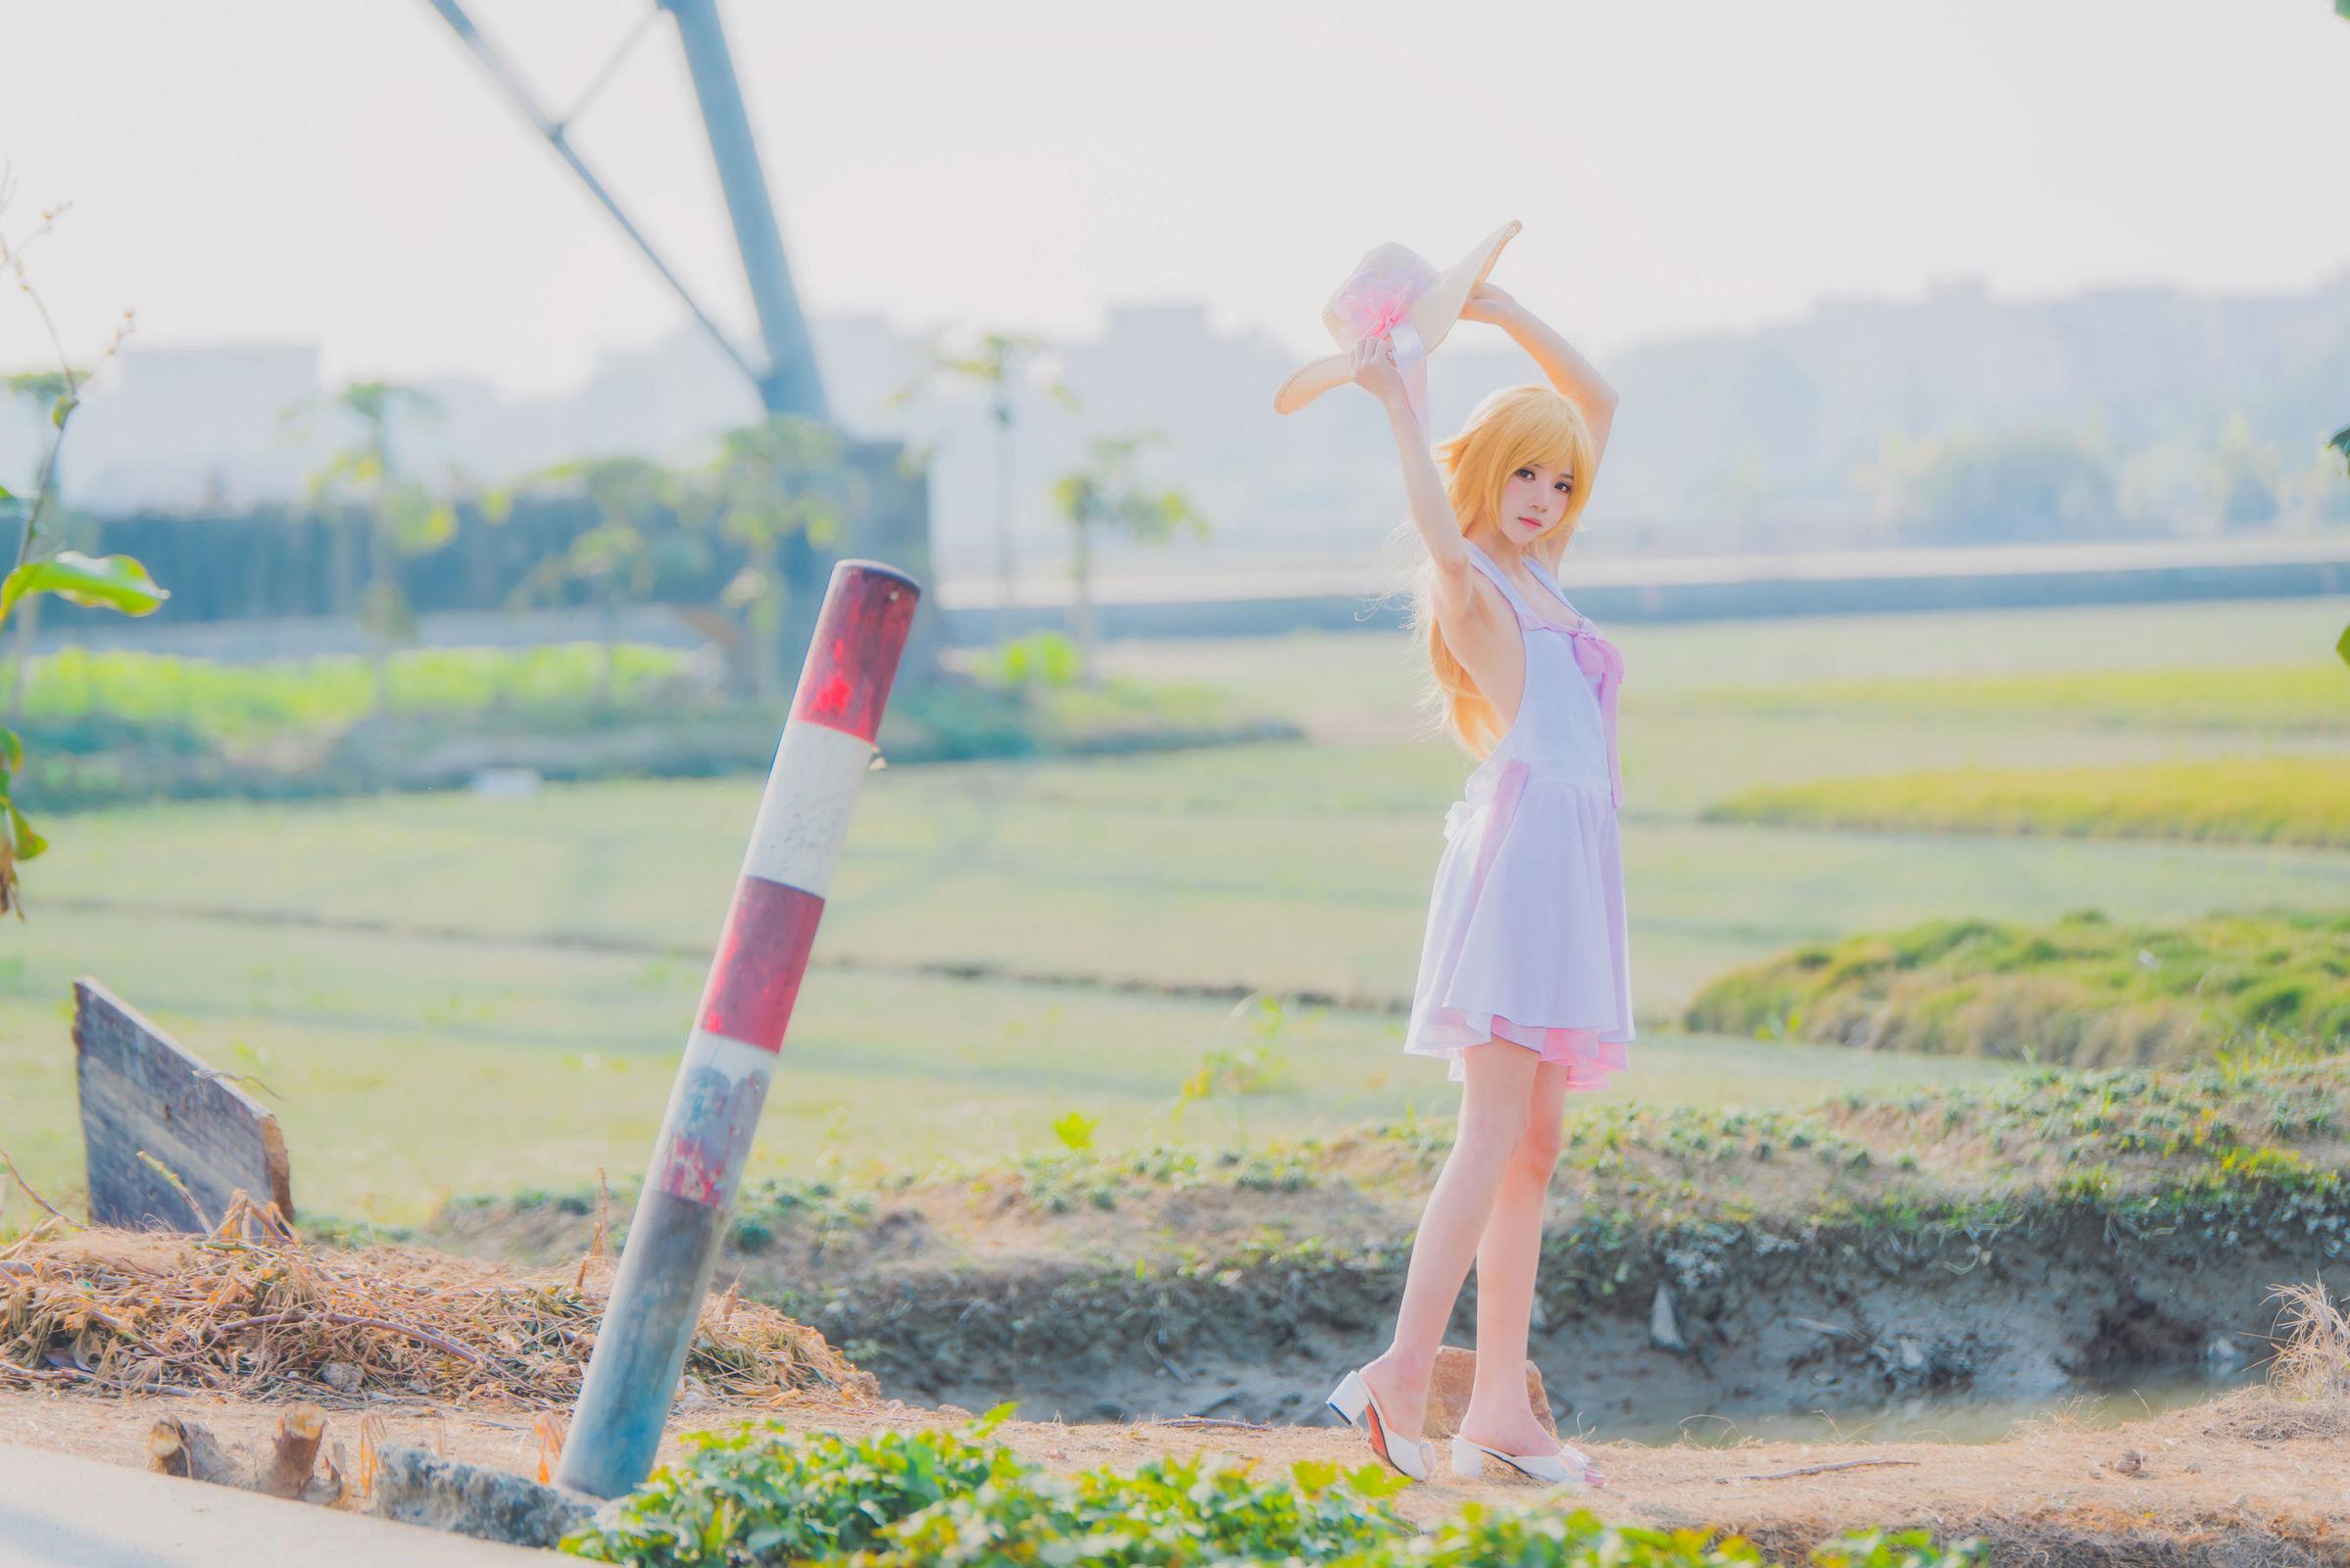 草帽连衣裙 裸体沐浴图-樱桃喵忍野忍COS